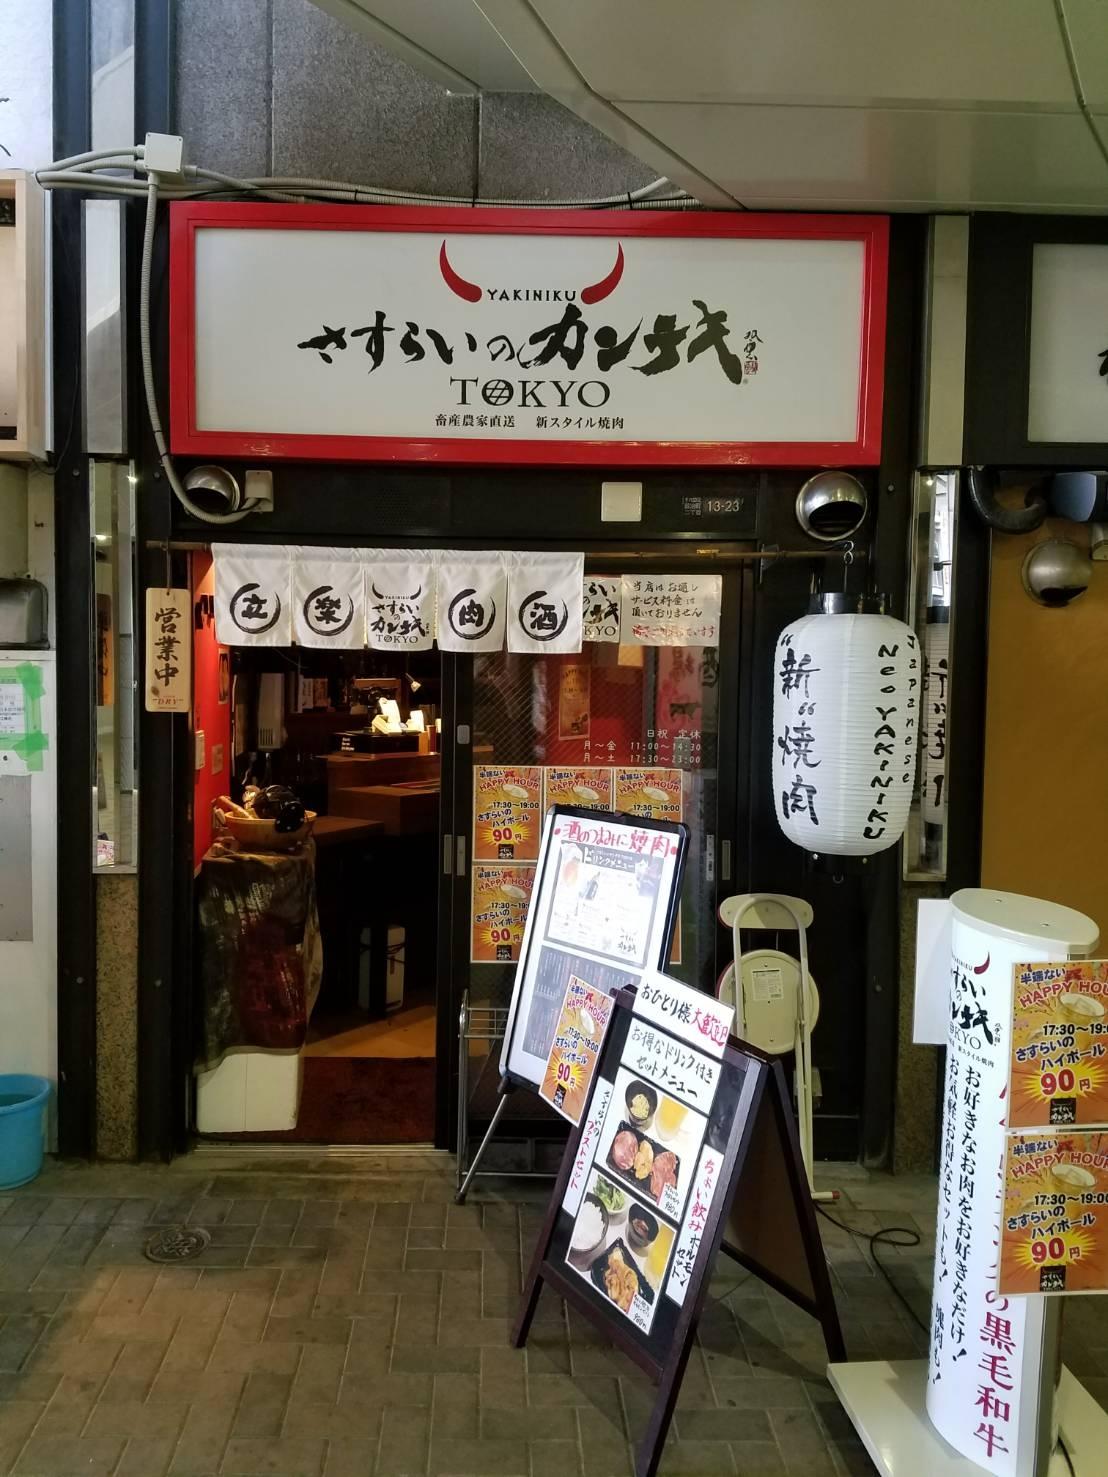 神田の居抜き物件